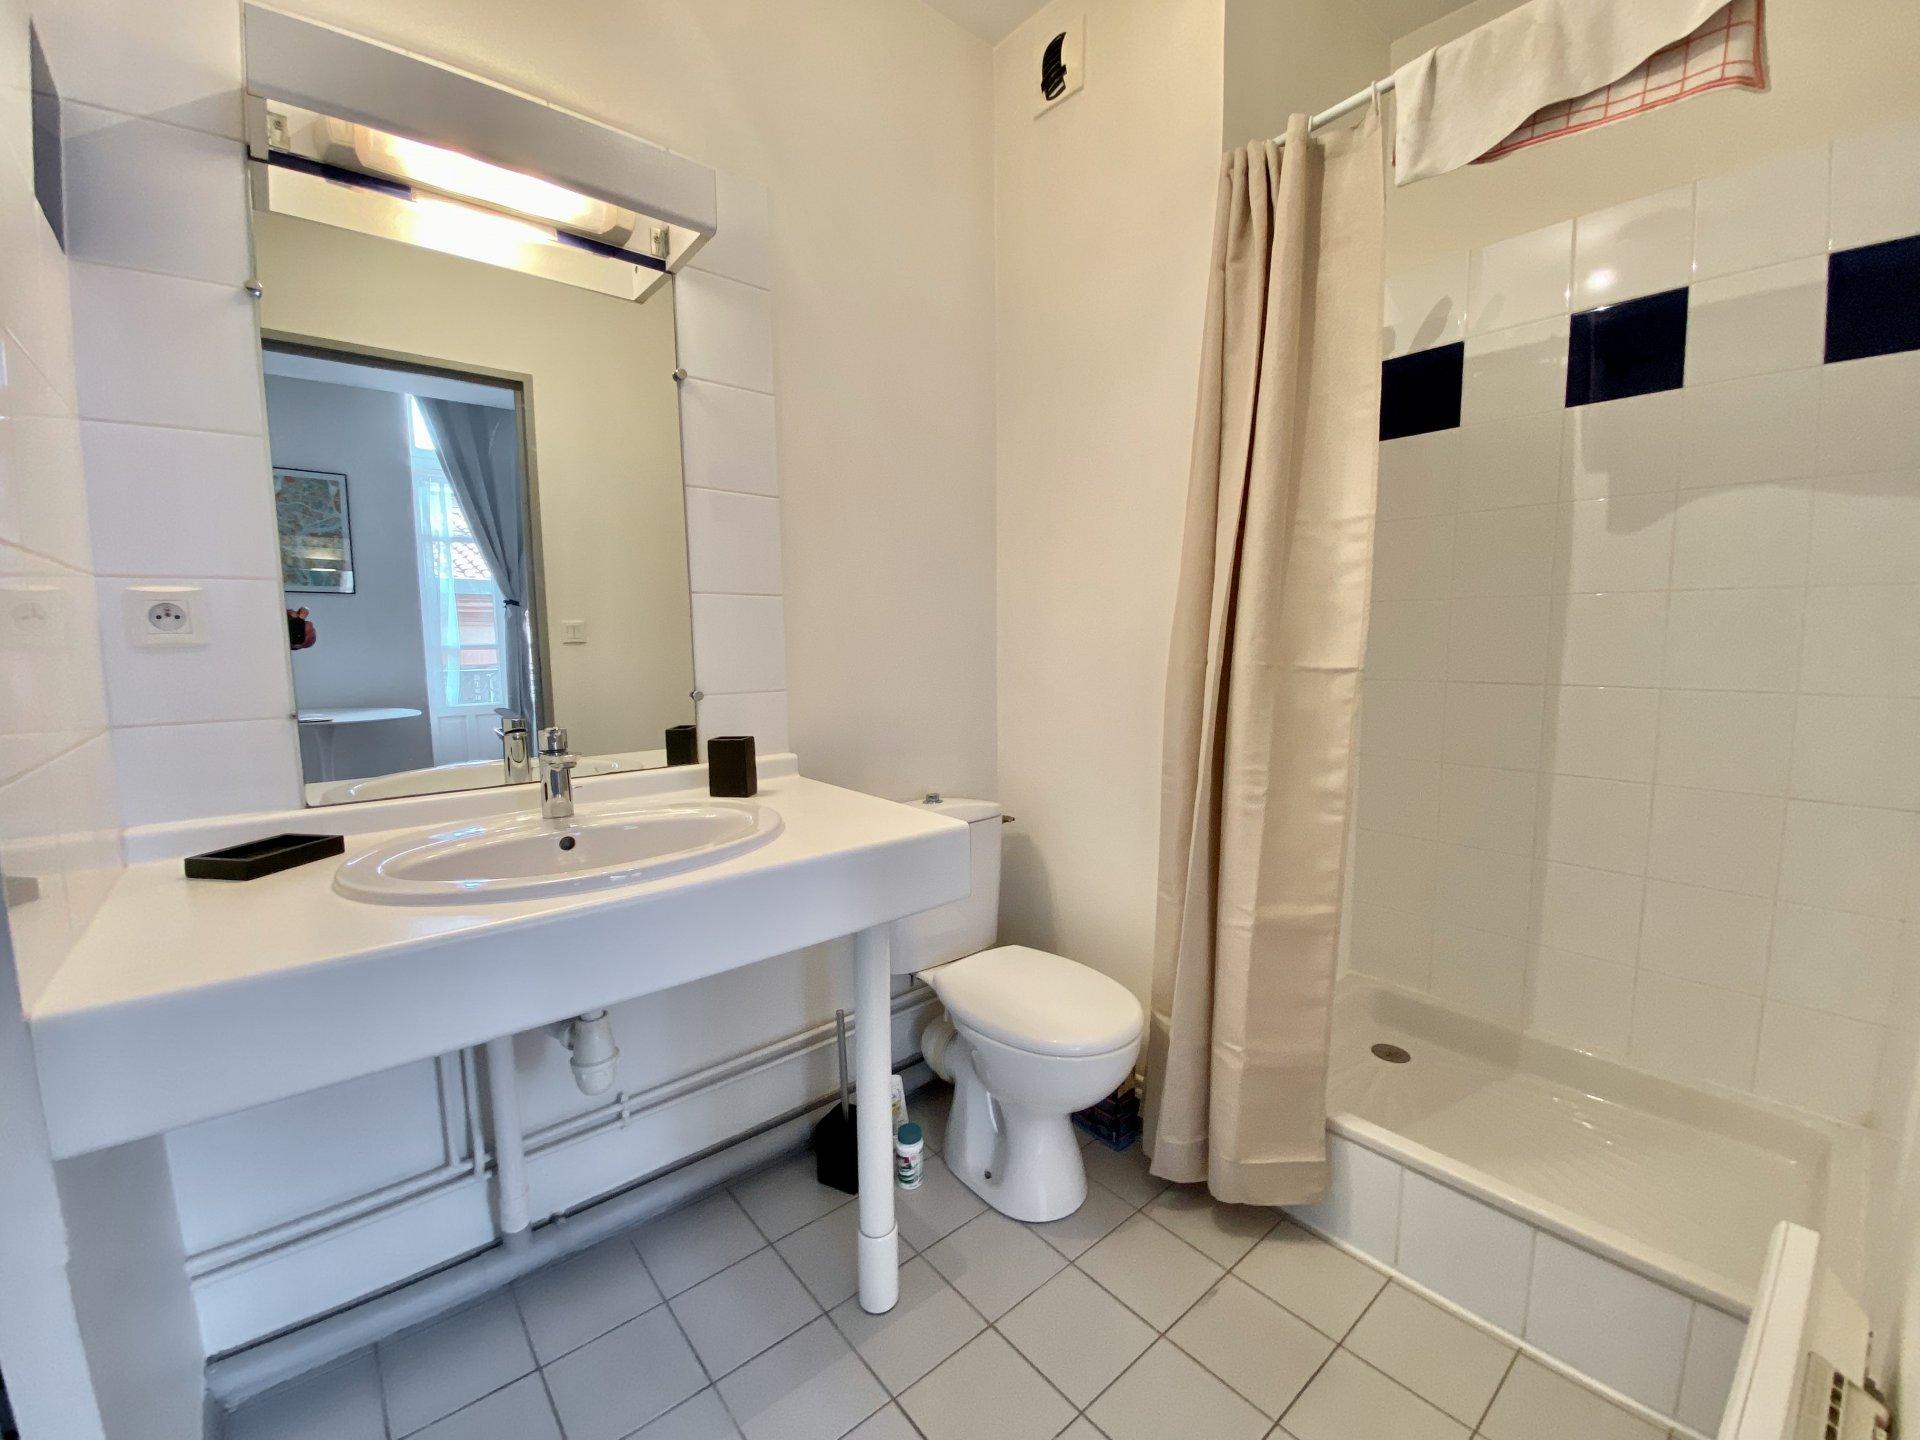 Appartement meublé avec balcon, rue d'Alsace Lorraine